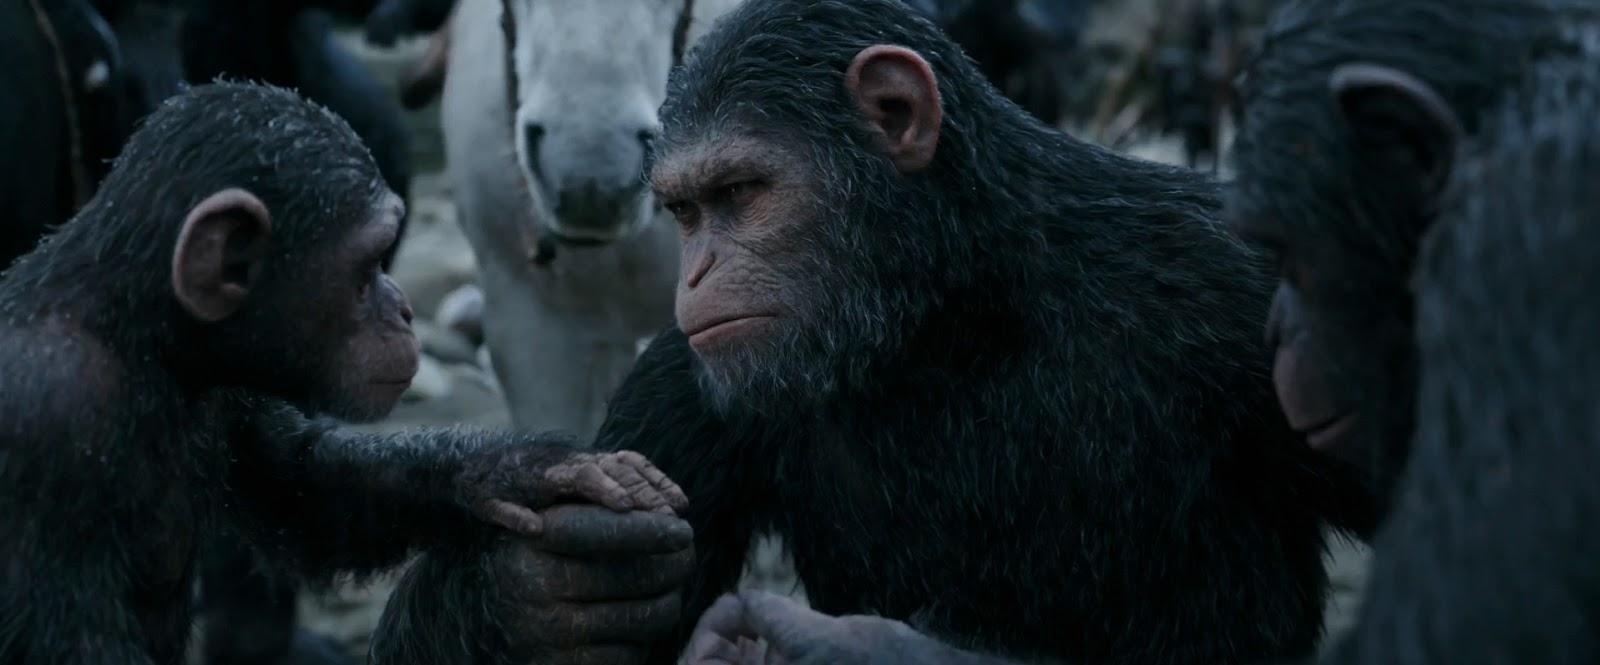 El Planeta de los Simios: La Guerra (2017) 1080p Latino - Ingles captura 2